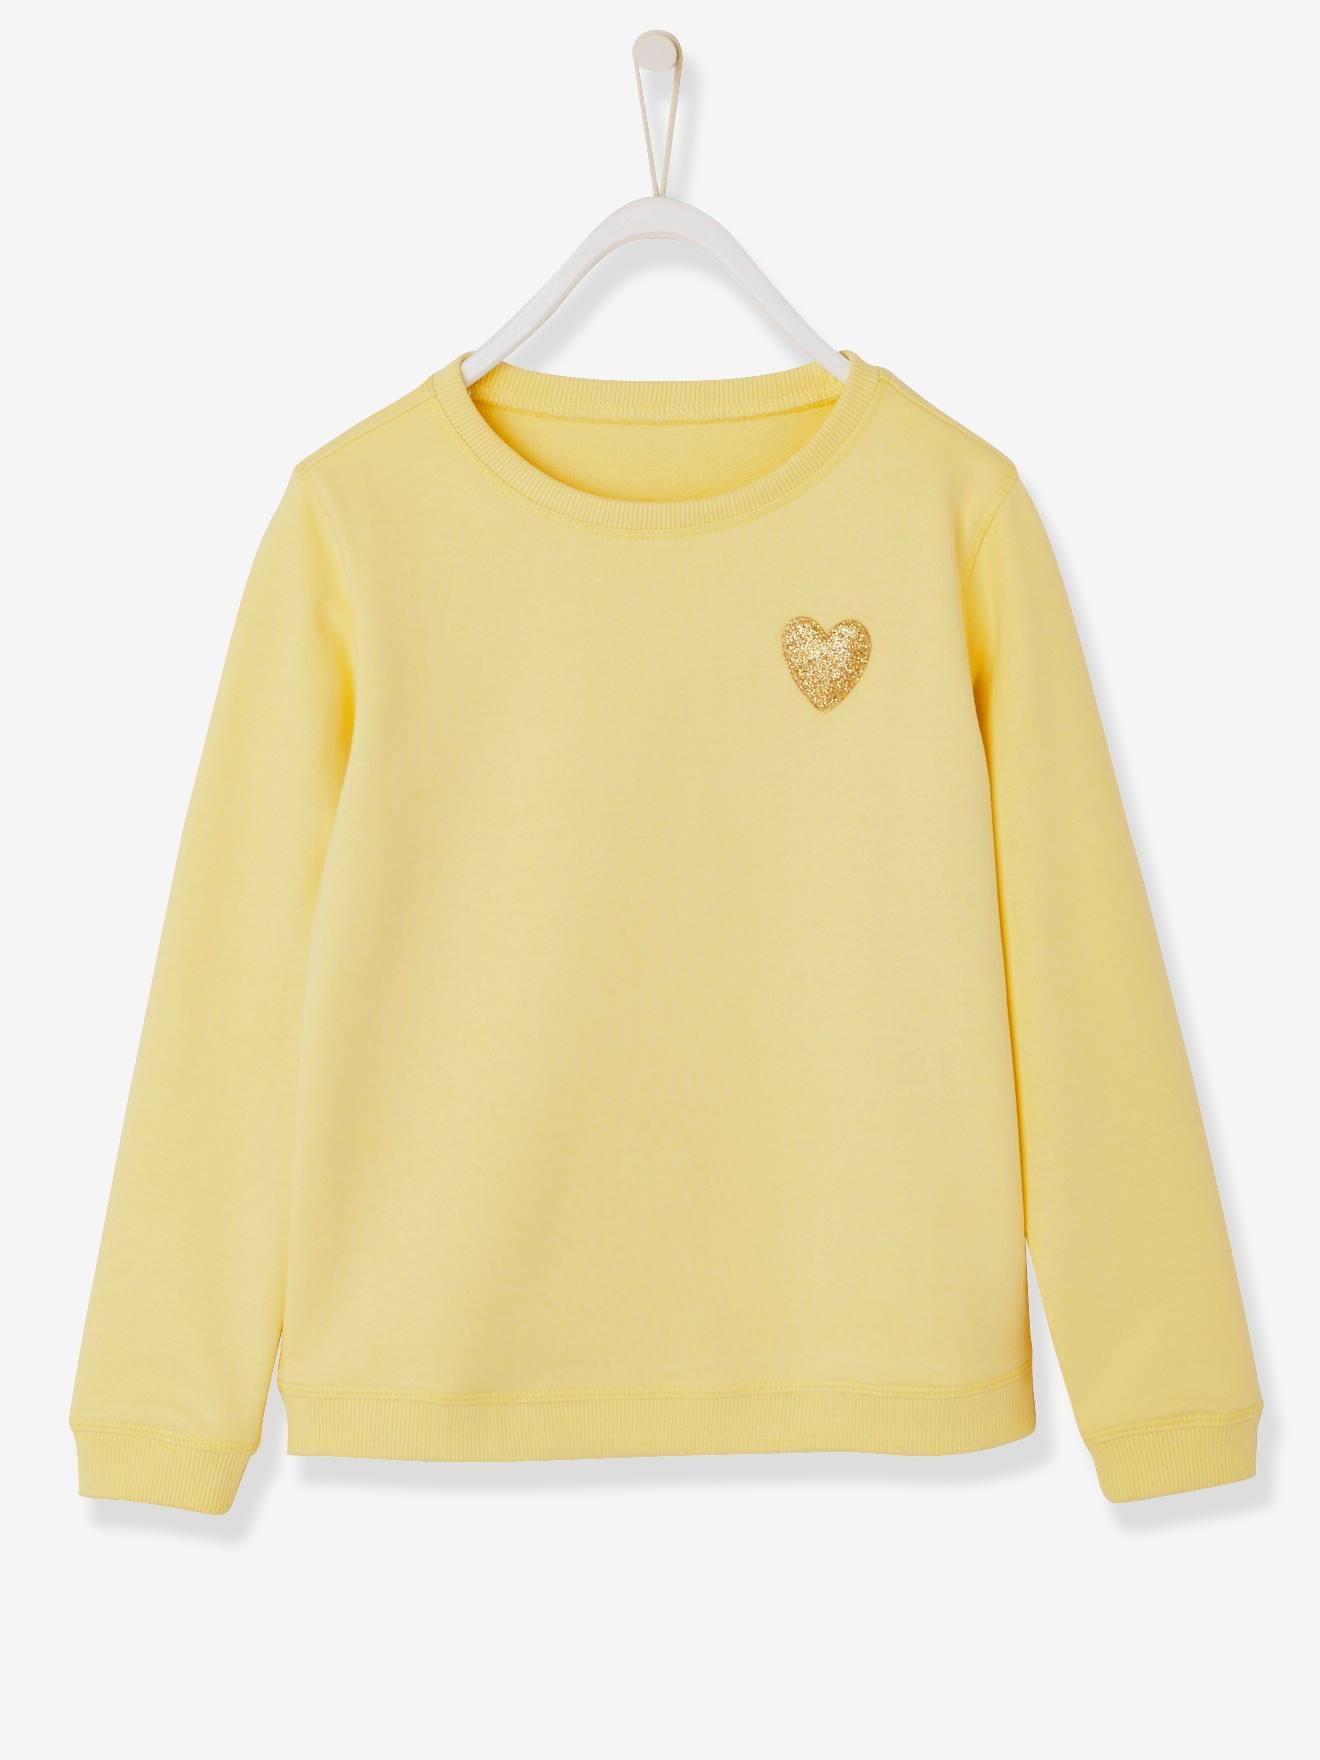 568b52073 Sudadera fantasía para niña amarillo claro liso con motivo 7021002336470